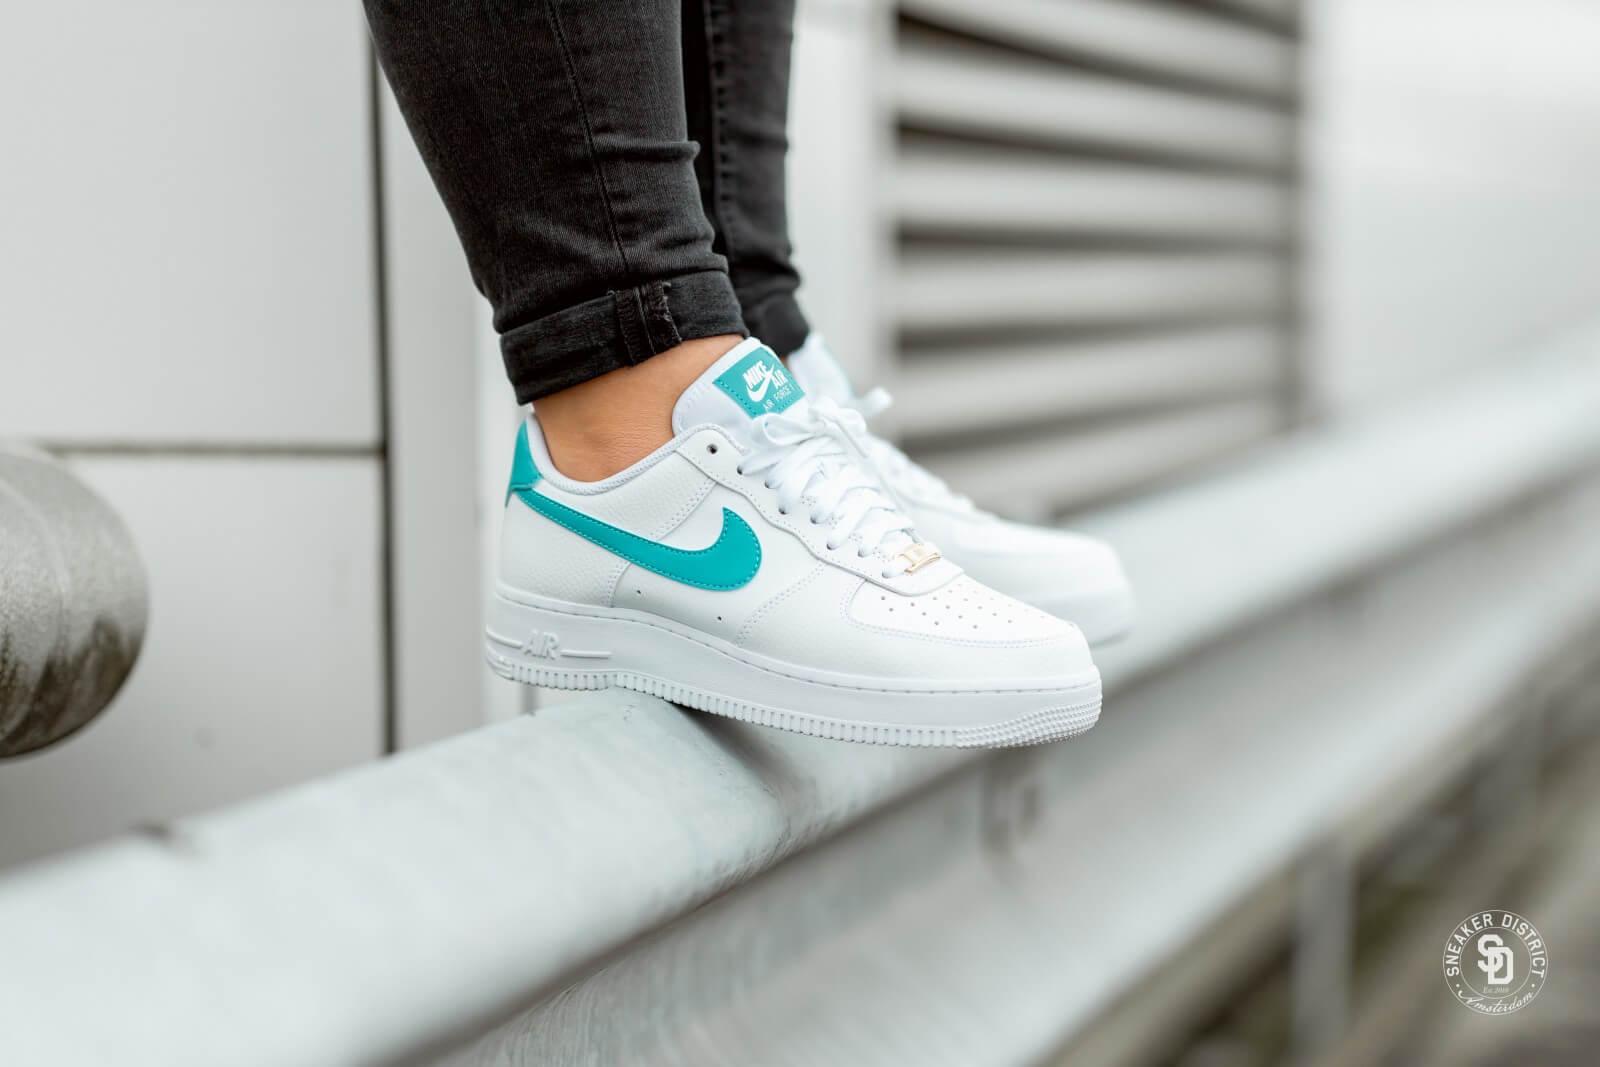 Nike Women S Air Force 1 White Teal Nebula Gold Ah0287 109